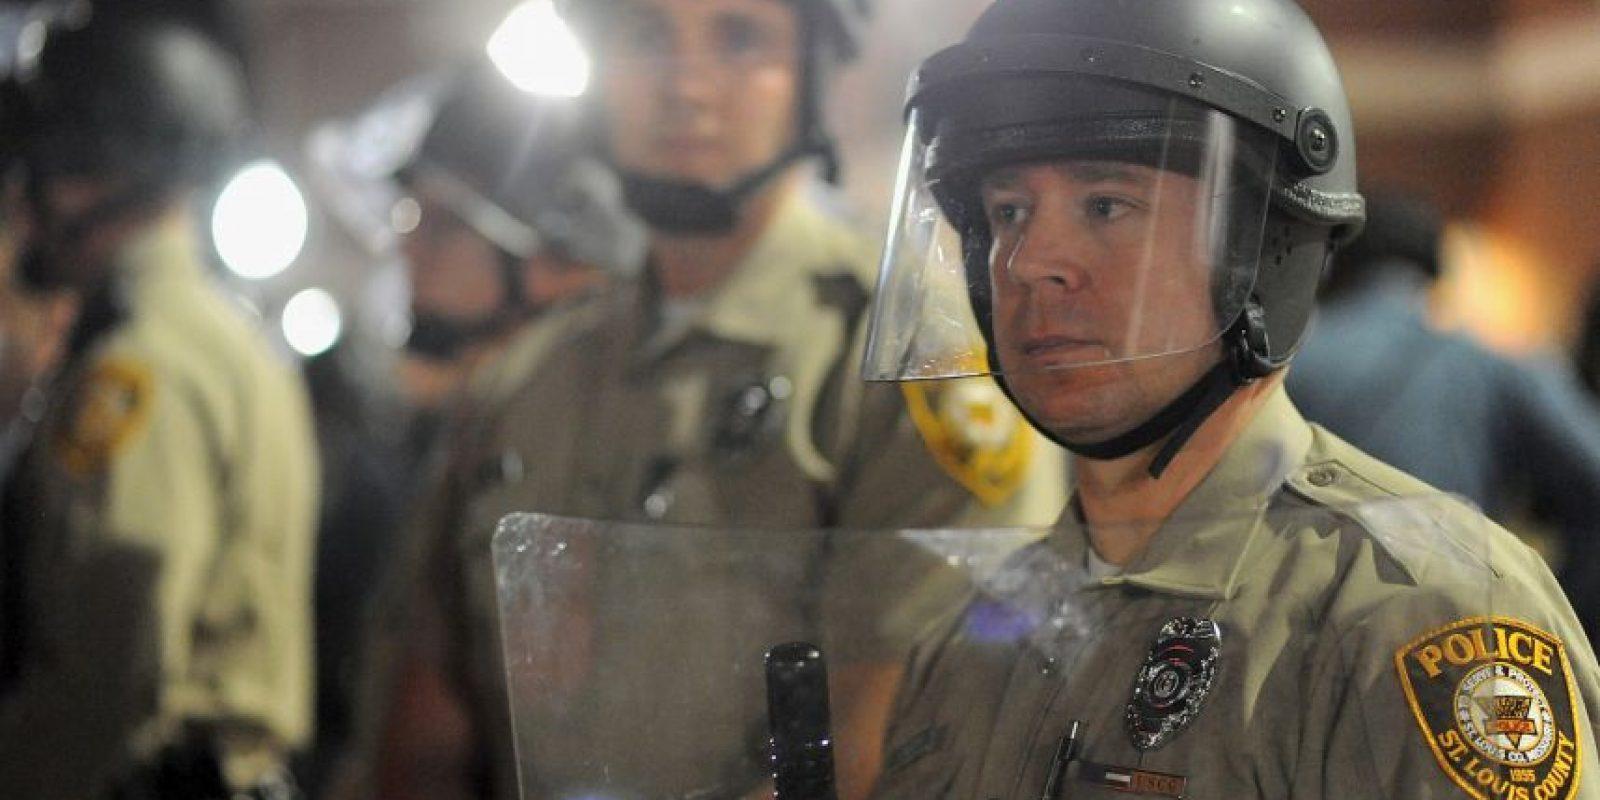 2. El reporte reveló detenciones arbitrarias. Foto:Getty